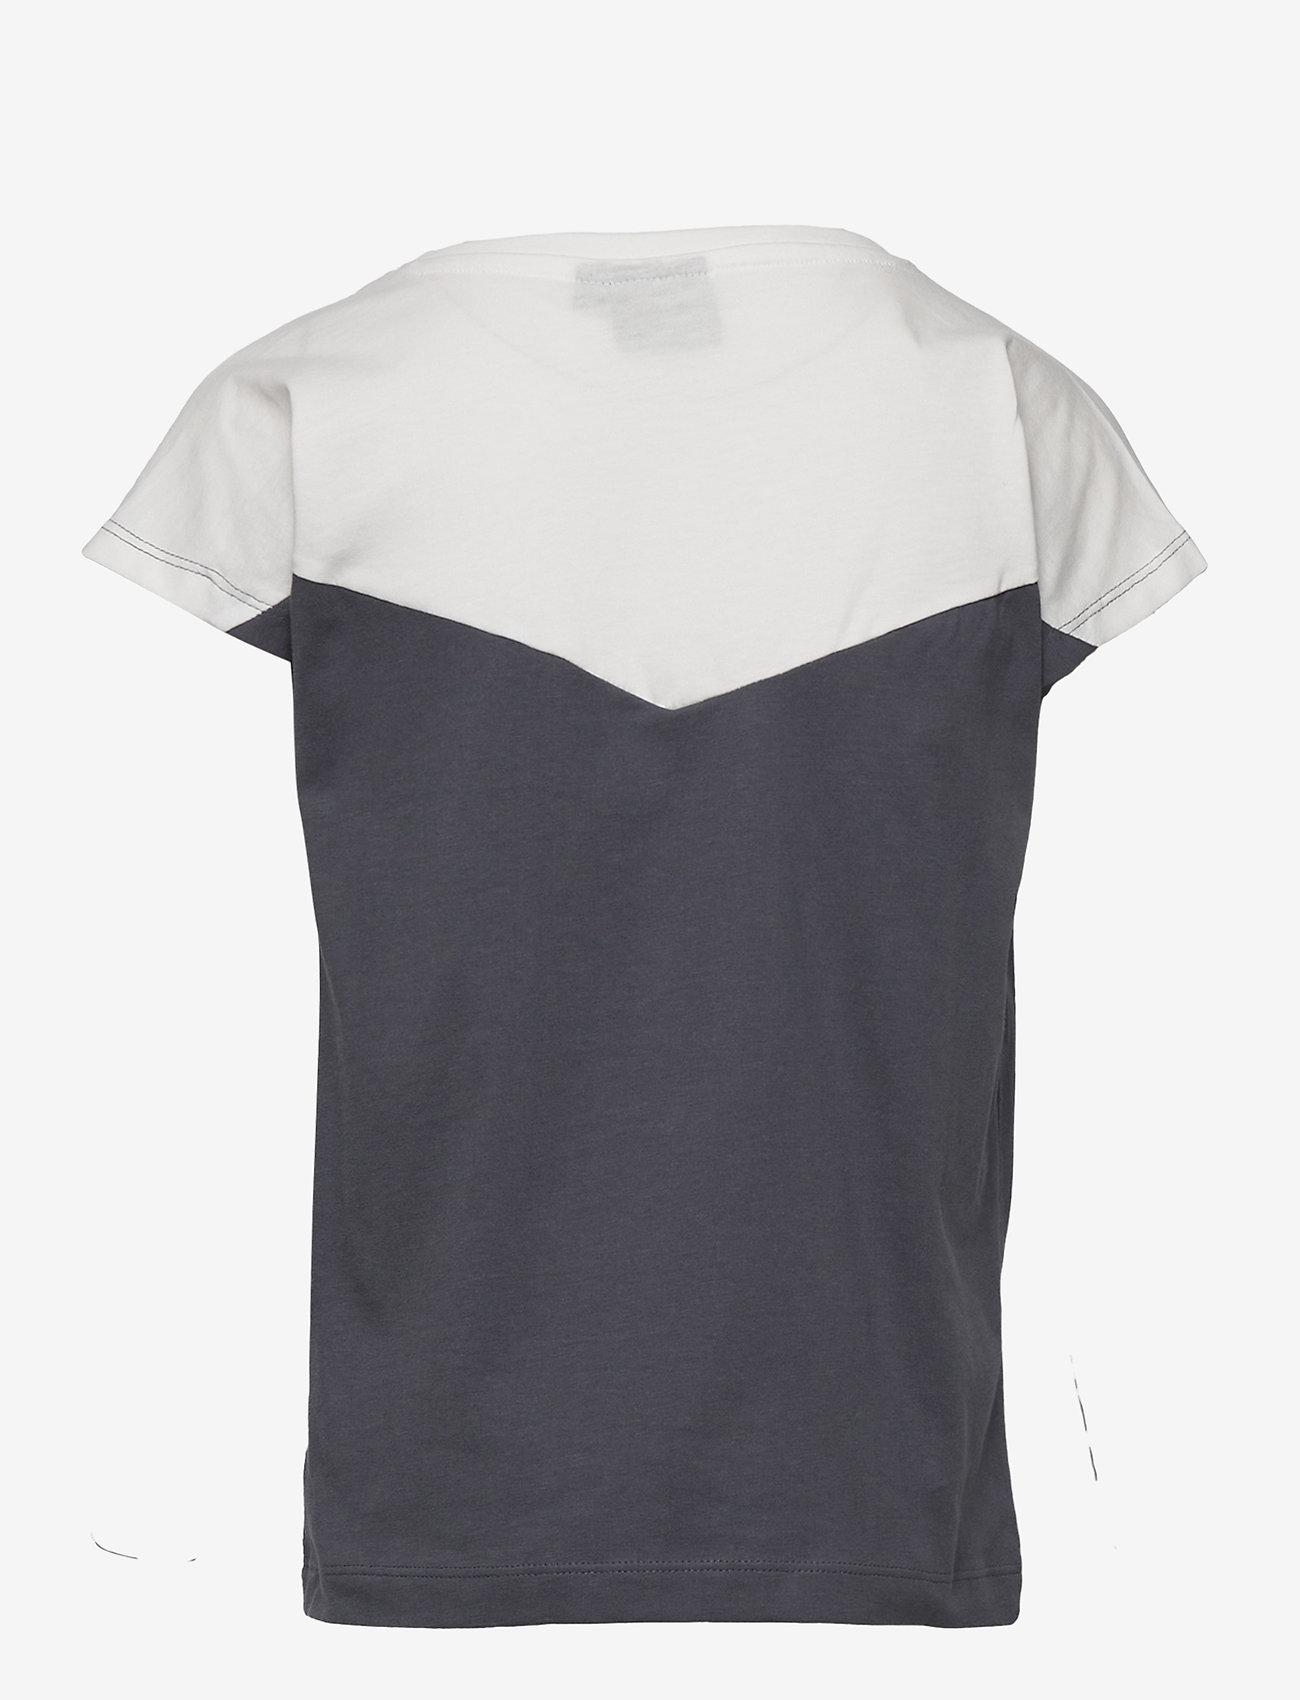 Hummel - hmlCIETE T-SHIRT S/S - short-sleeved - ombre blue - 1